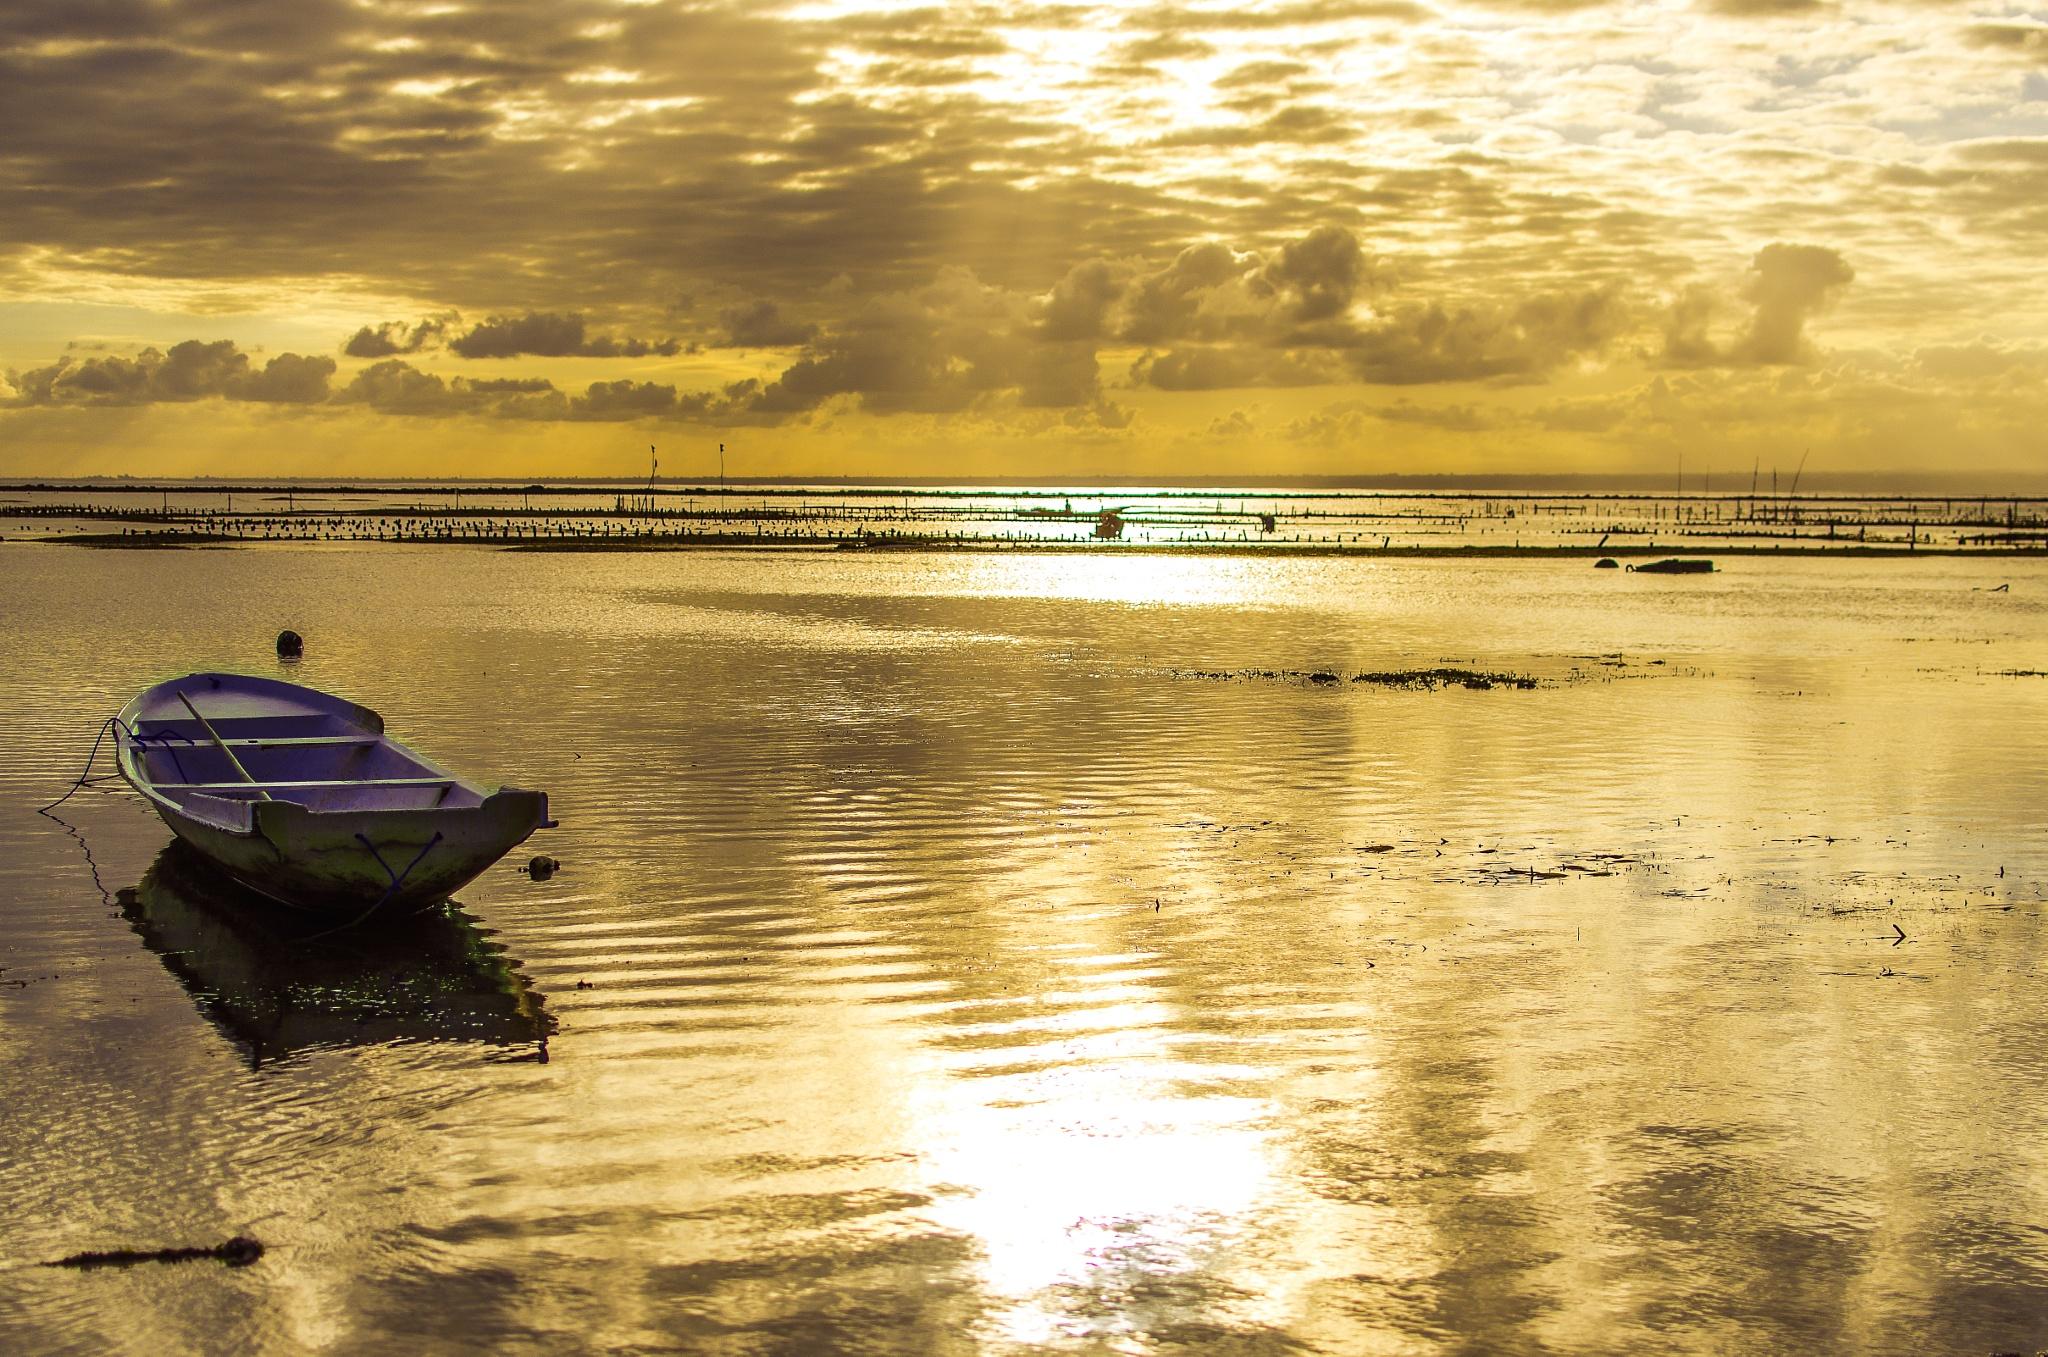 Serenity  by Rodrigo Oliveira